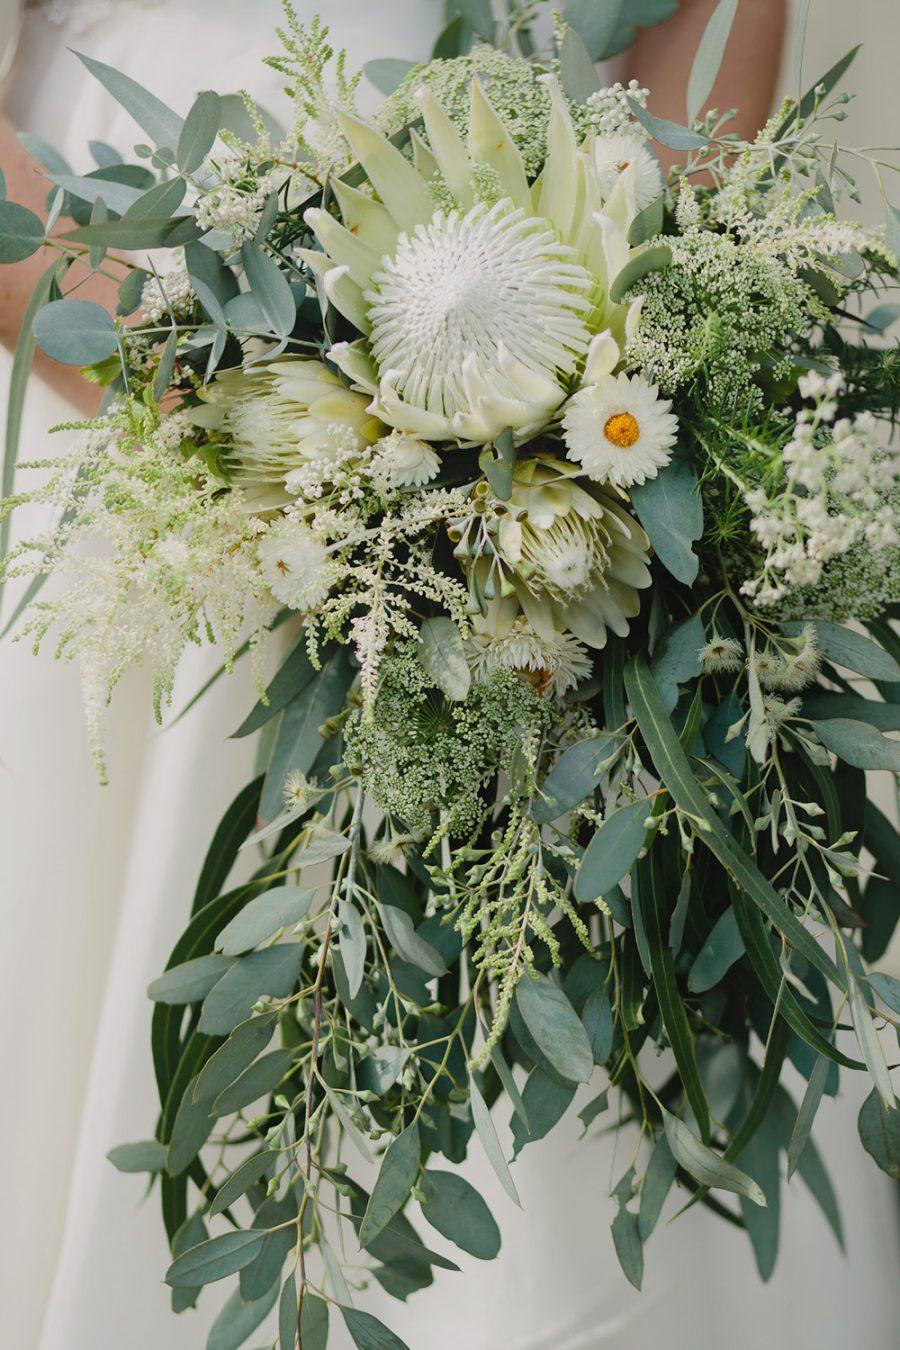 melbourne-wedding-photographer-elleni-toumpas-11-1-900x0-c-default.jpg